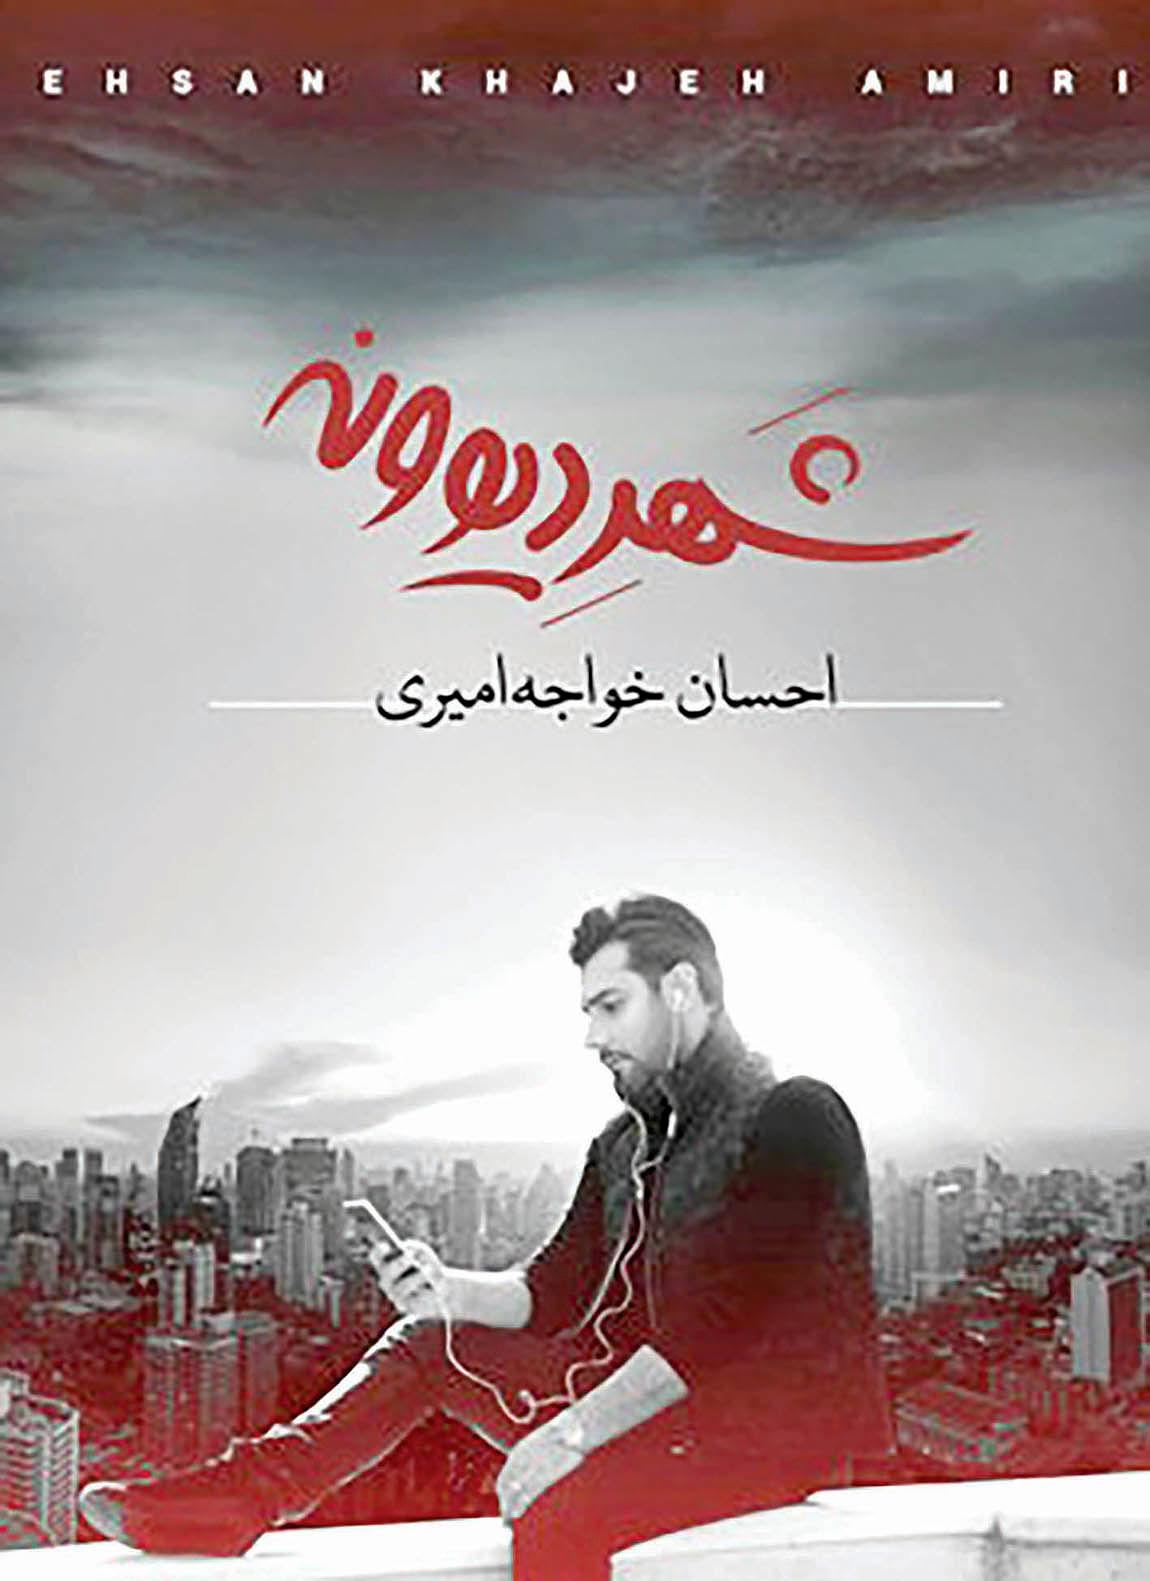 انتشار آلبوم جدید احسان خواجه امیری در هفته آینده